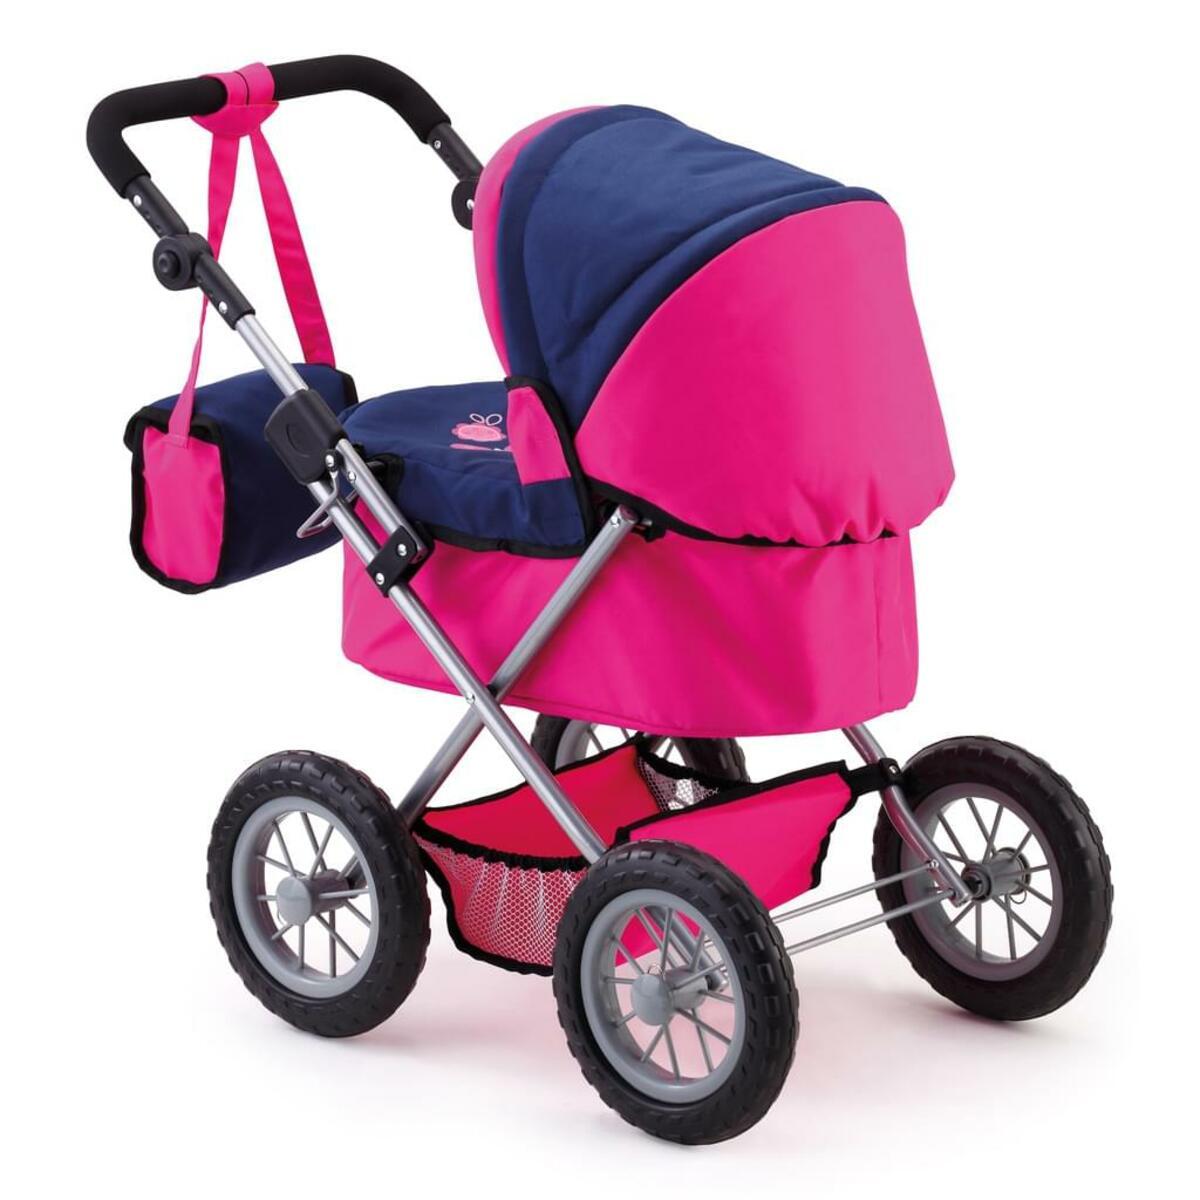 Bild 3 von Puppenwagen Trendy pink/blau